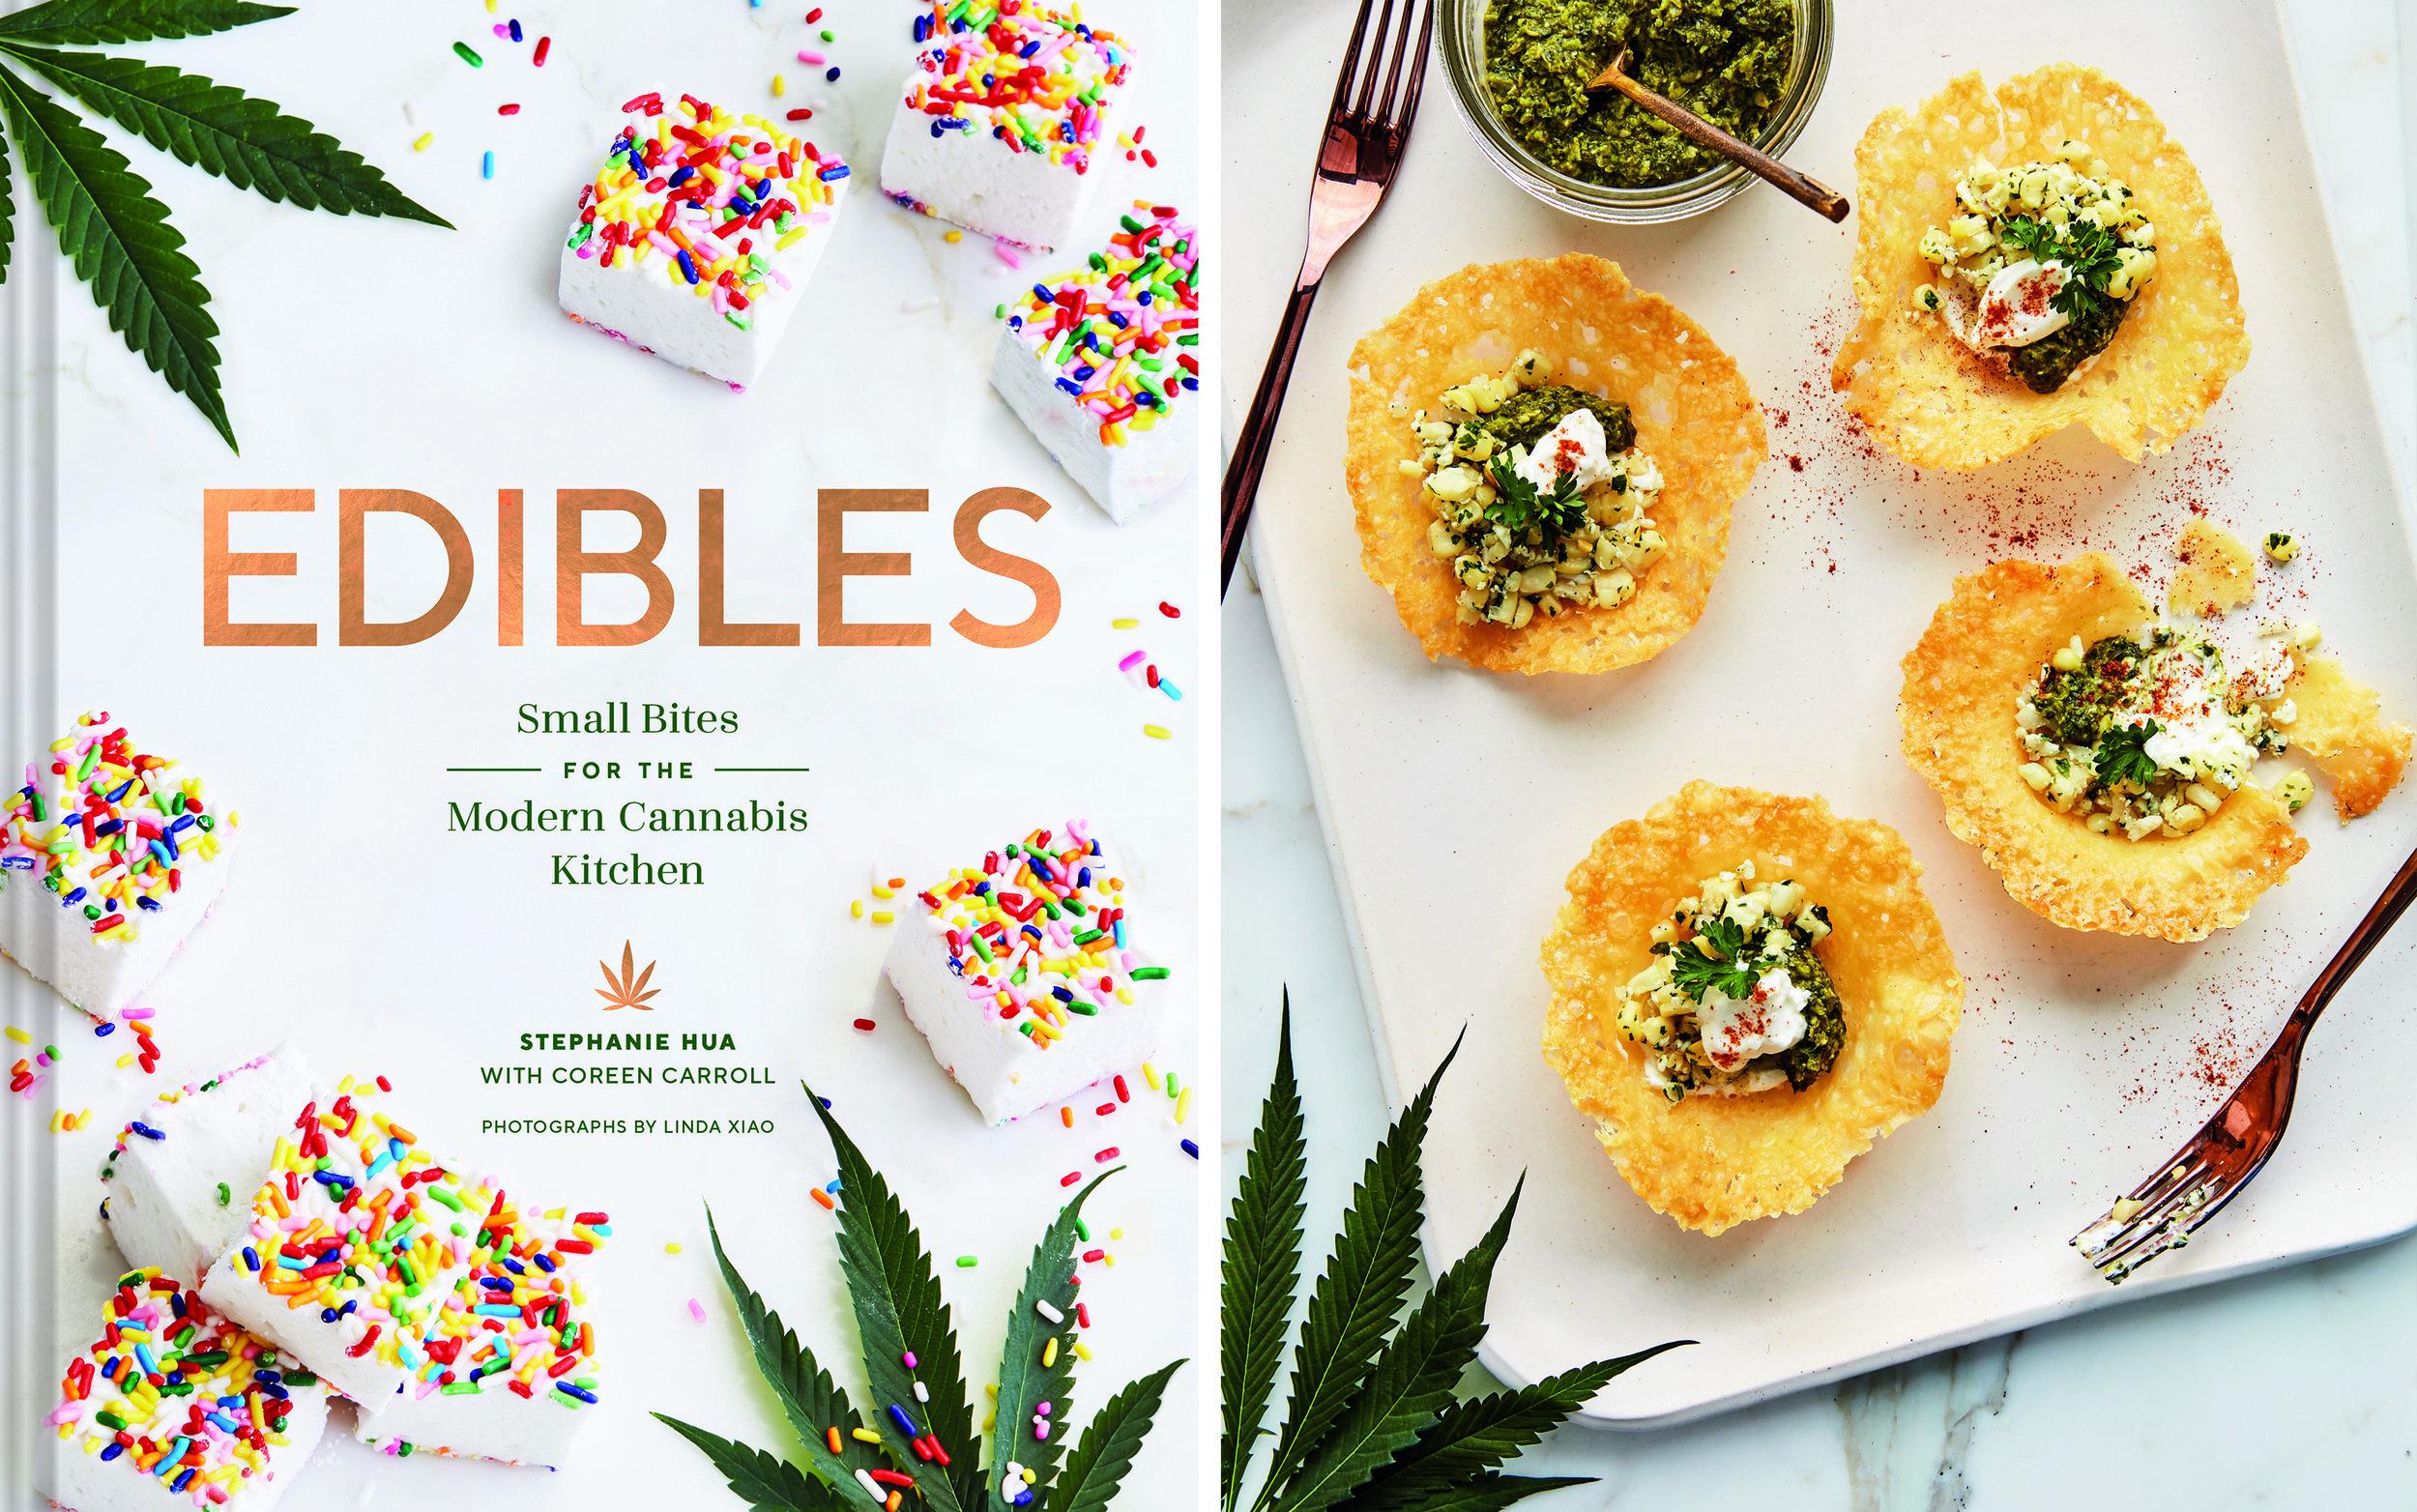 Edibles_Cookbook_Sneakpeek.jpg